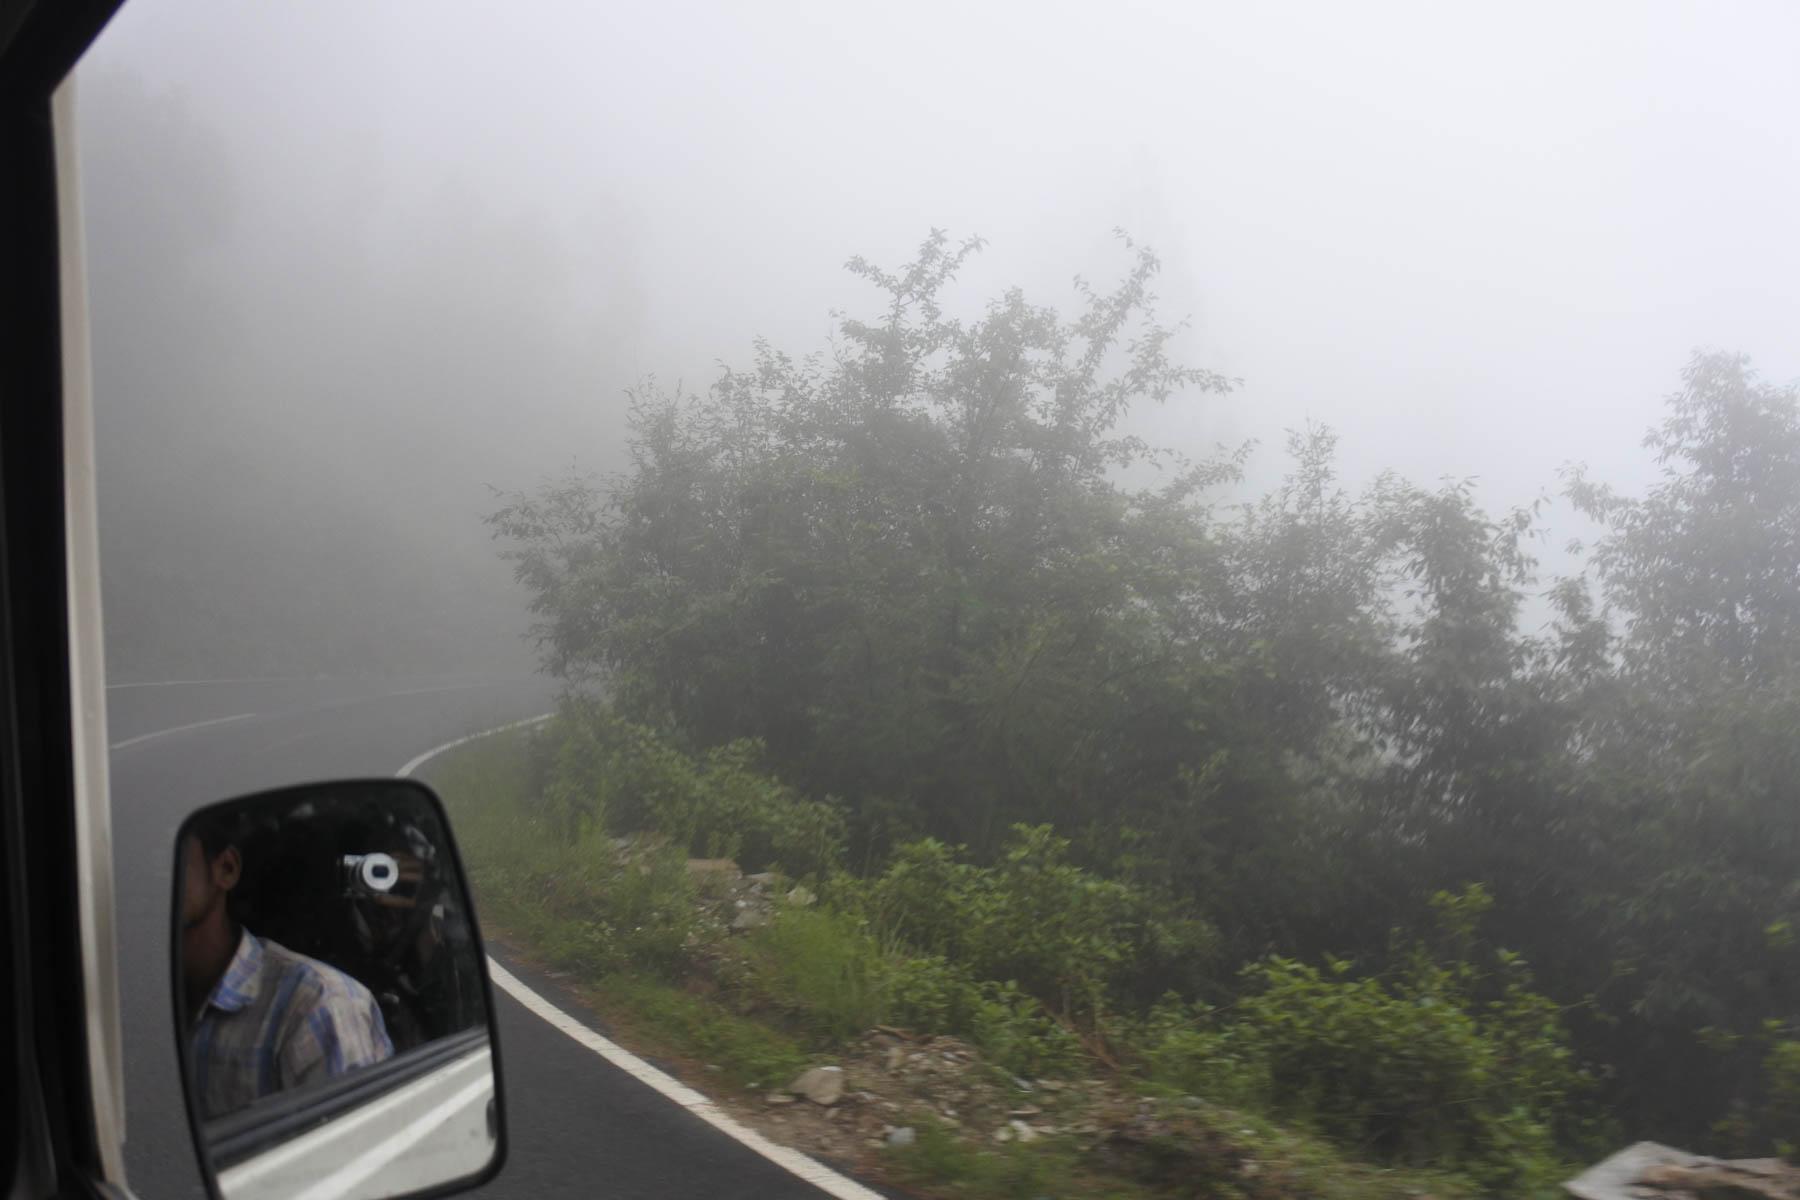 ウッタラカンド、ハルドワニからアルモラへの道、濃い霧